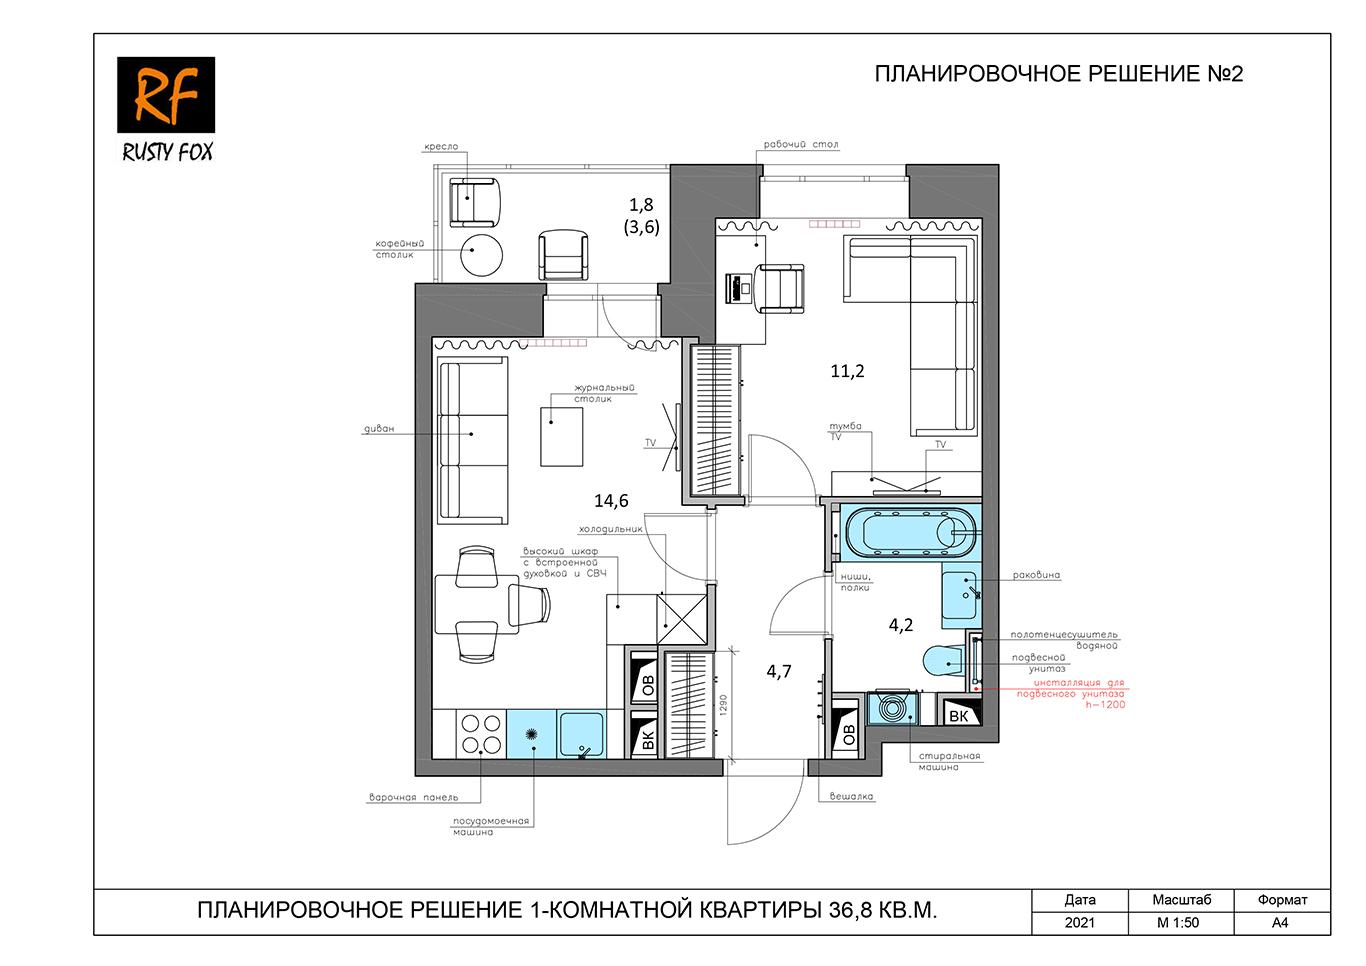 ЖК Люберцы корпус 52, секция 2. Планировочное решение №2 1-комнатная квартира правая 36,8 кв.м.